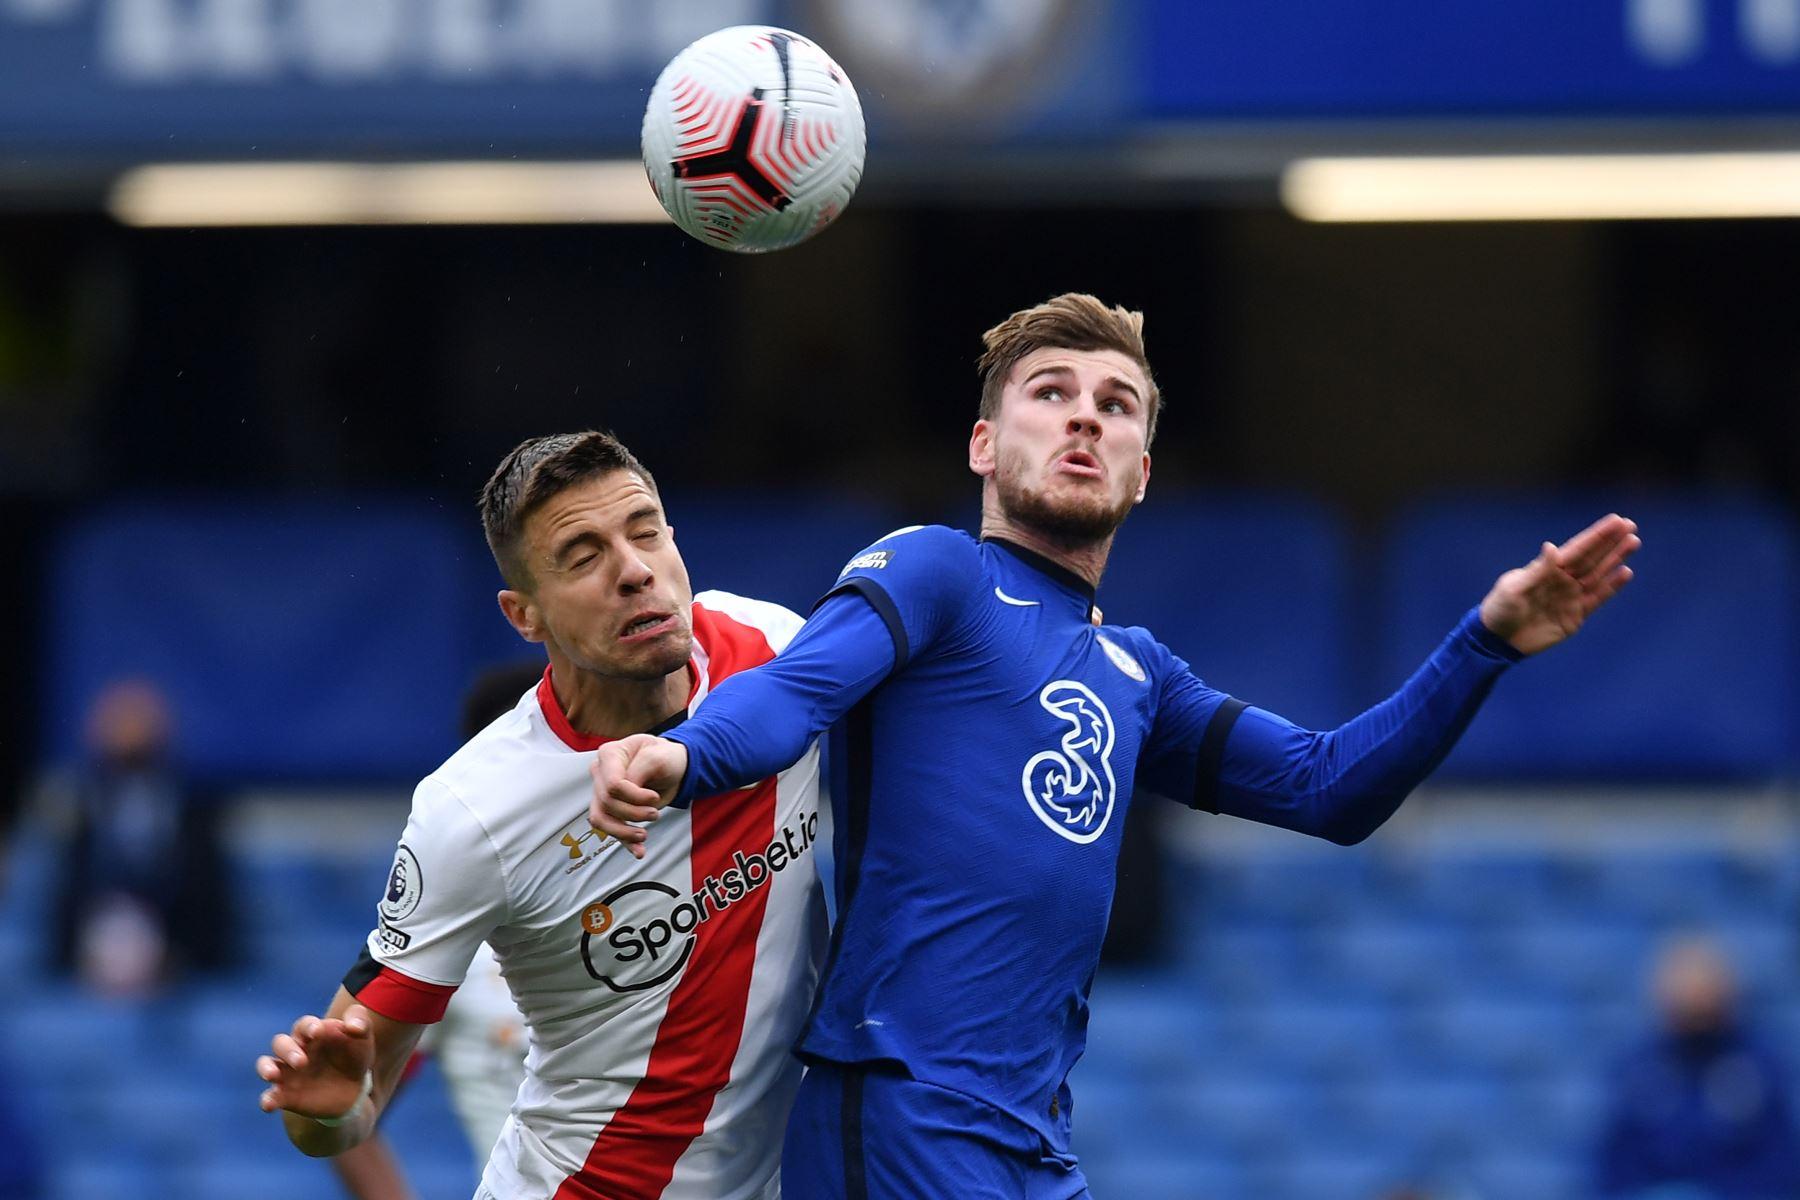 El delantero alemán de Chelsea, Timo Werner, se enfrenta al defensor polaco de Southampton, Jan Bednarek, durante el partido de fútbol de la Premier League en Stamford Bridge, Londres. Foto: AFP